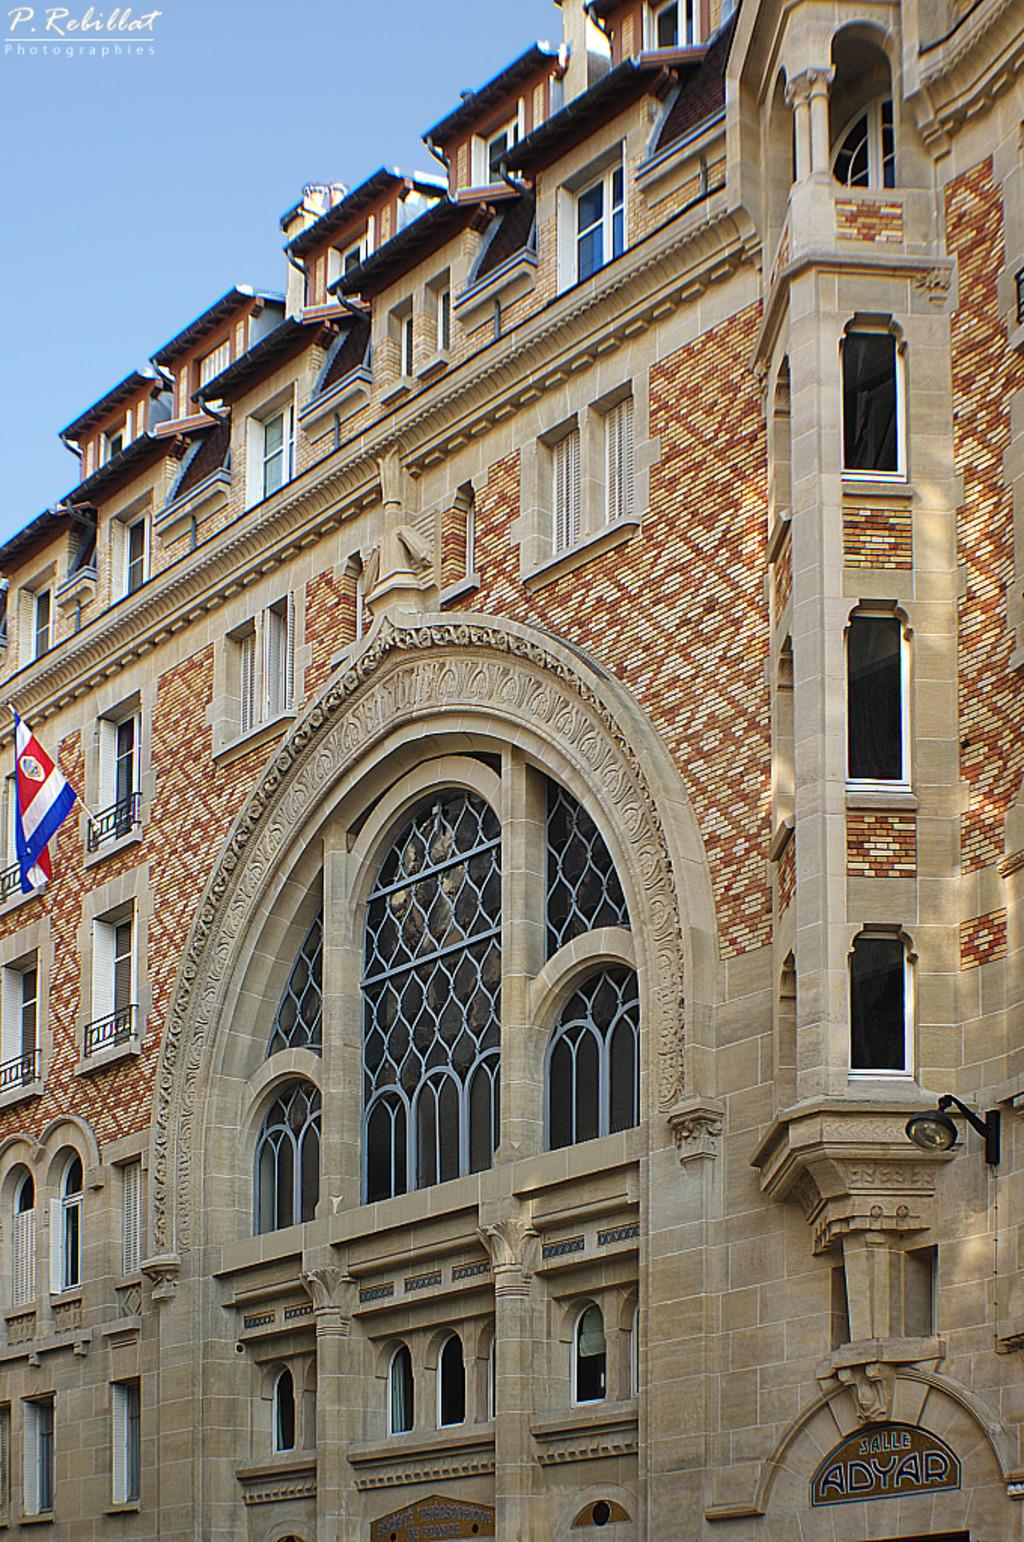 Loge ma onnique paris 7eme arrondissement paris - Chambre d hote paris 7eme arrondissement ...